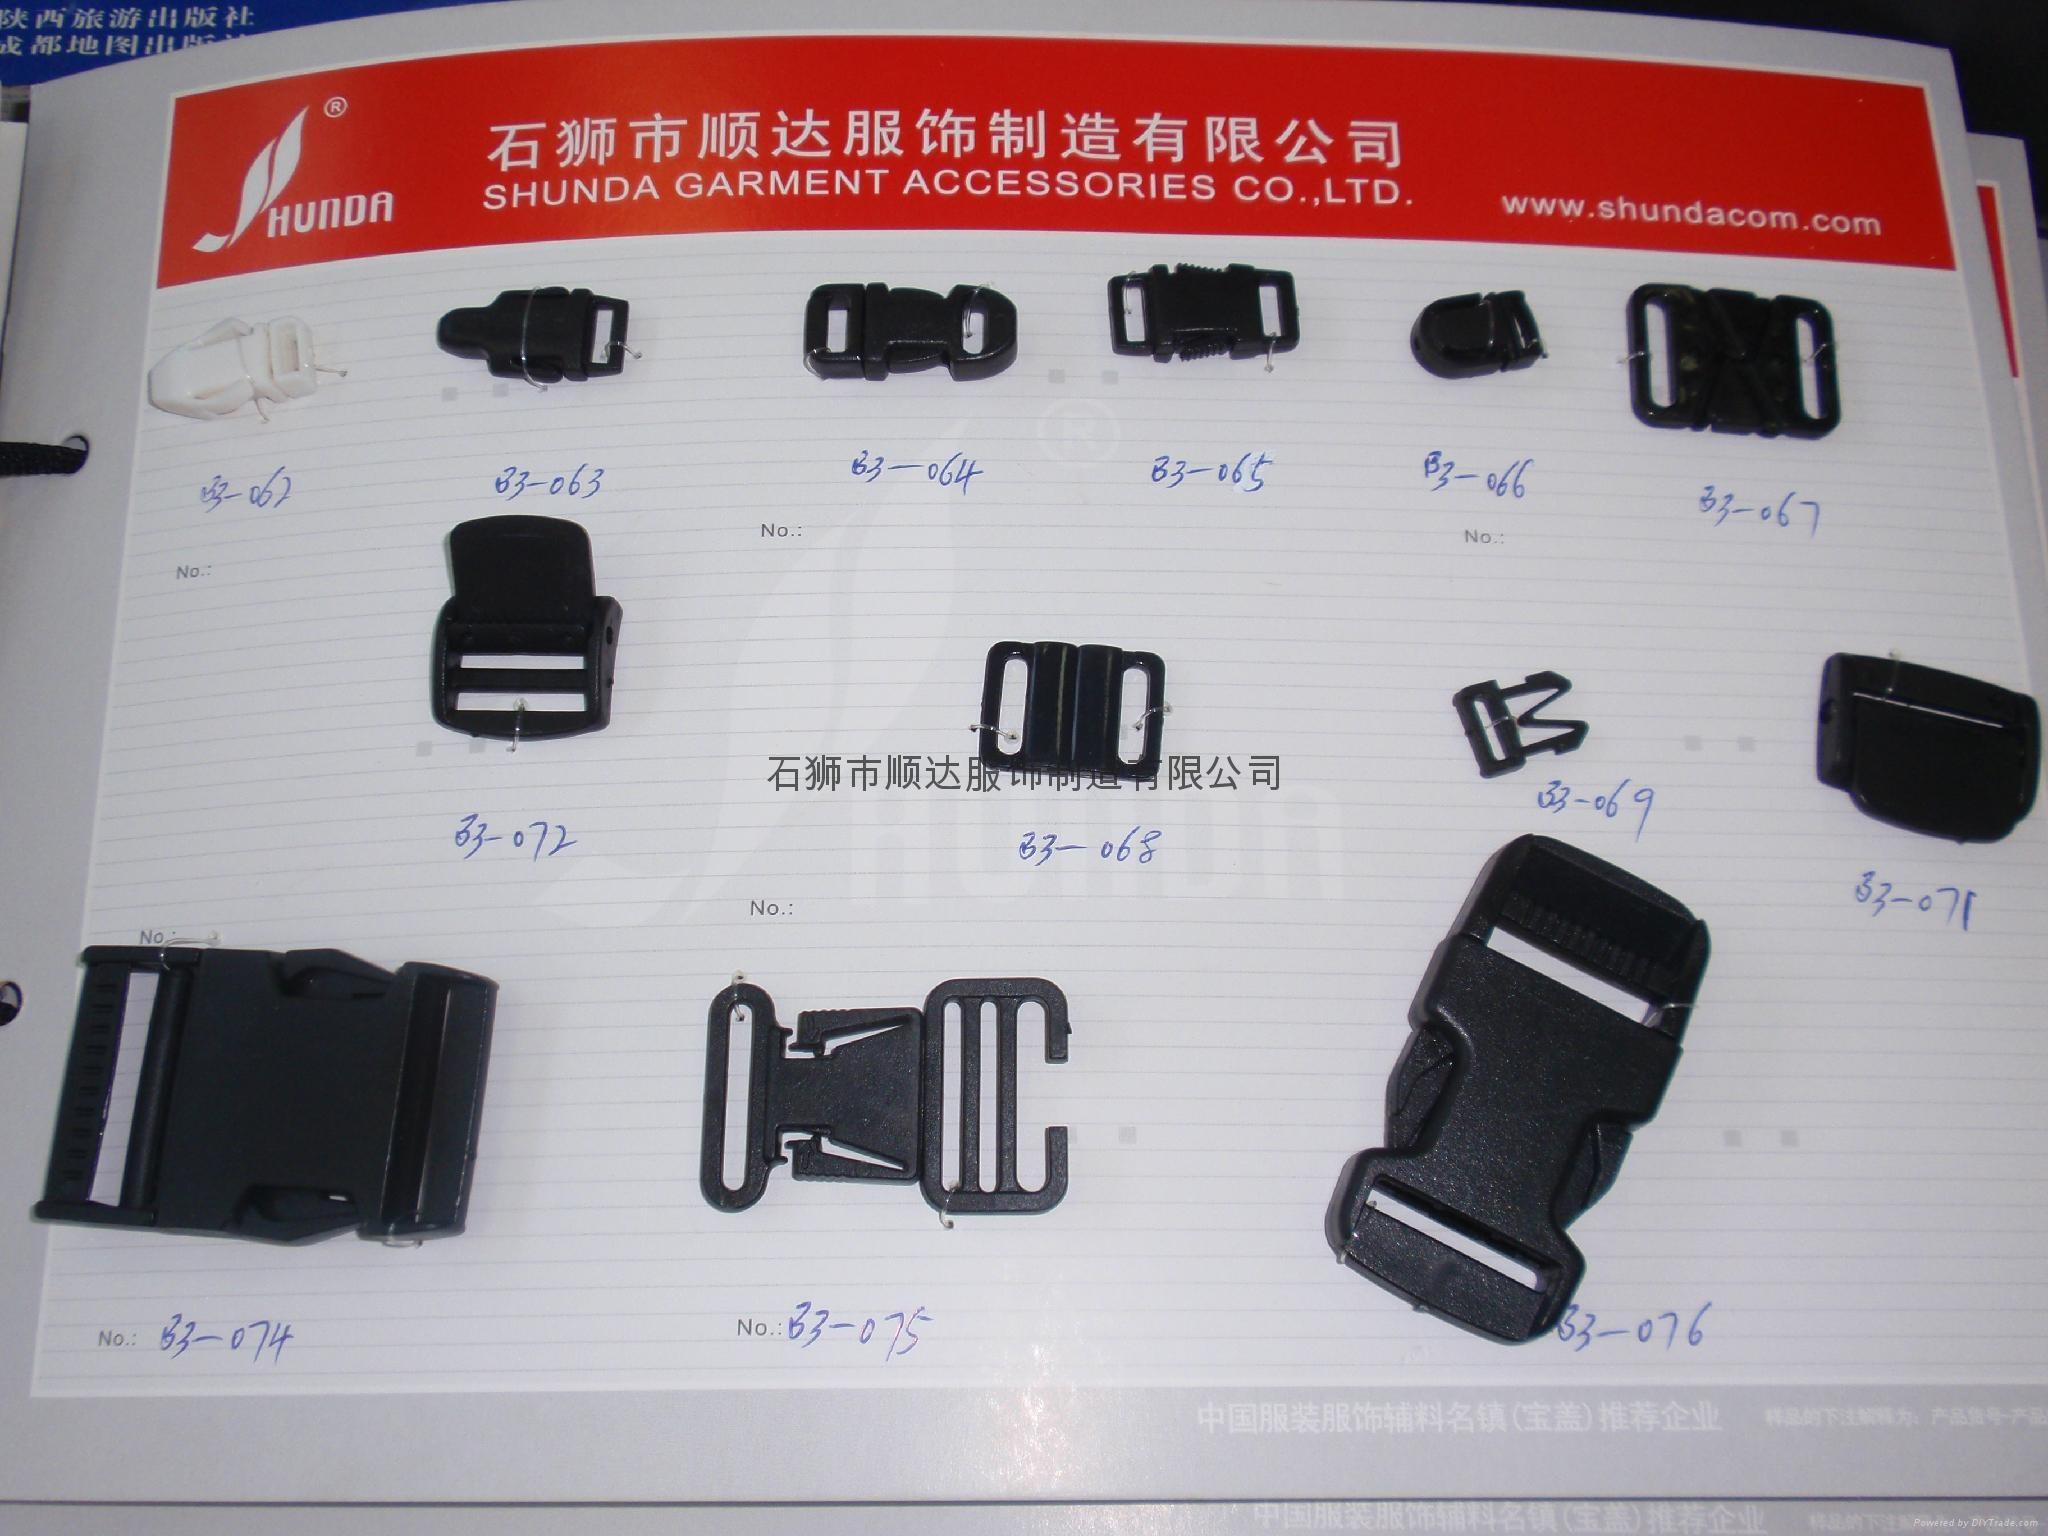 厂家直销塑料背包扣箱包配件塑胶插扣功能扣具卡扣安全扣登山扣具 5